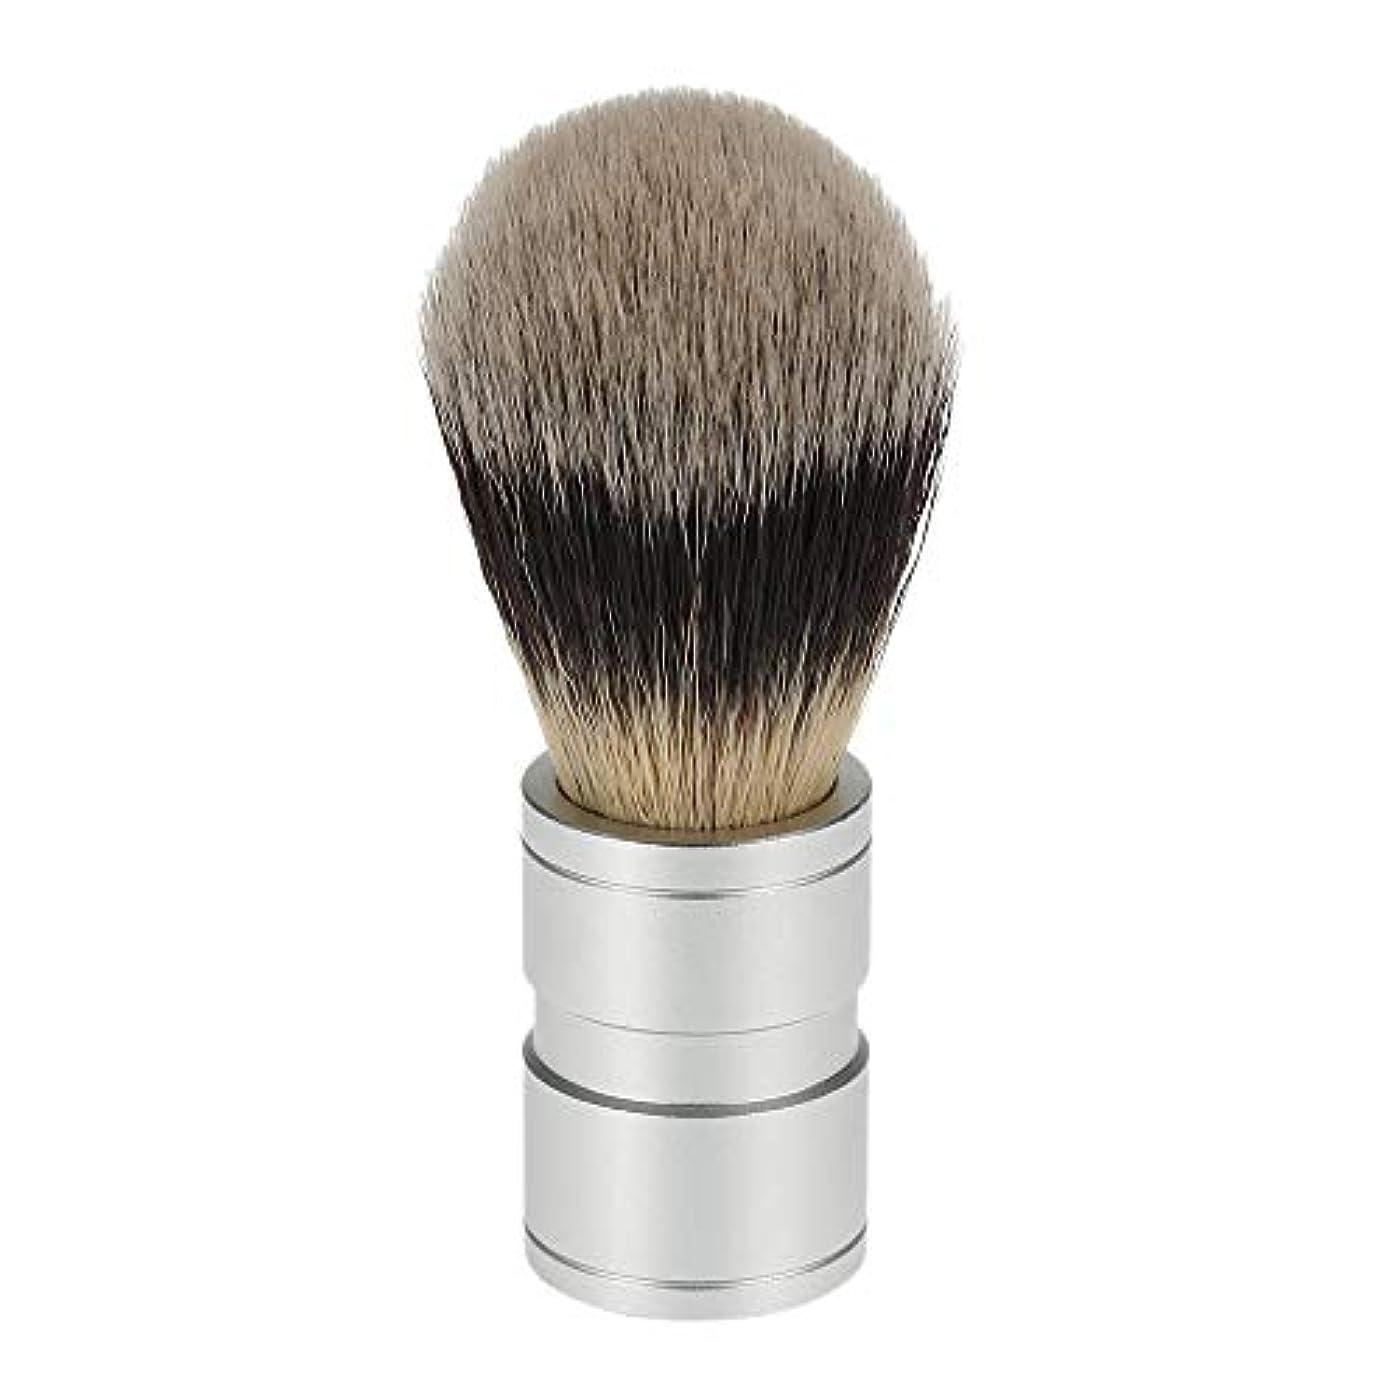 汚染されたその他シンジケートRETYLY 1ピース 男性のヘアシェービングブラシ ステンレス金属ハンドル ソフト合成ナイロンヘア理髪ブラシ 快適な ひげ剃りツール